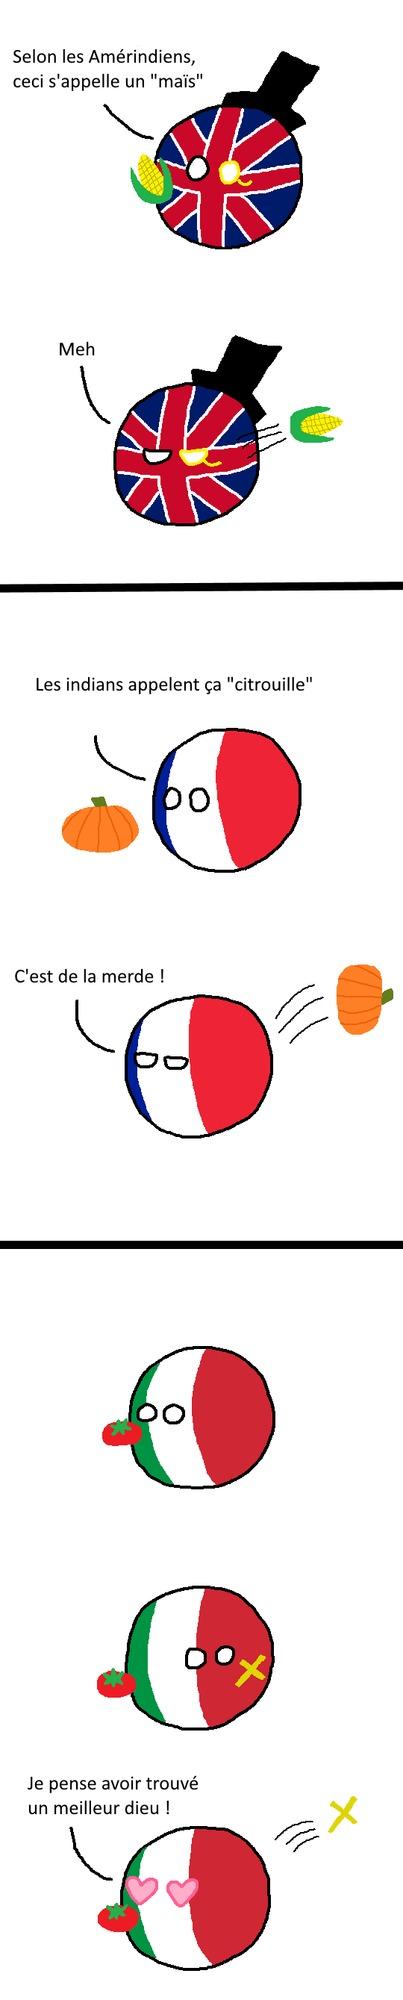 Nouvelle pp faites par Frenchball ! - meme